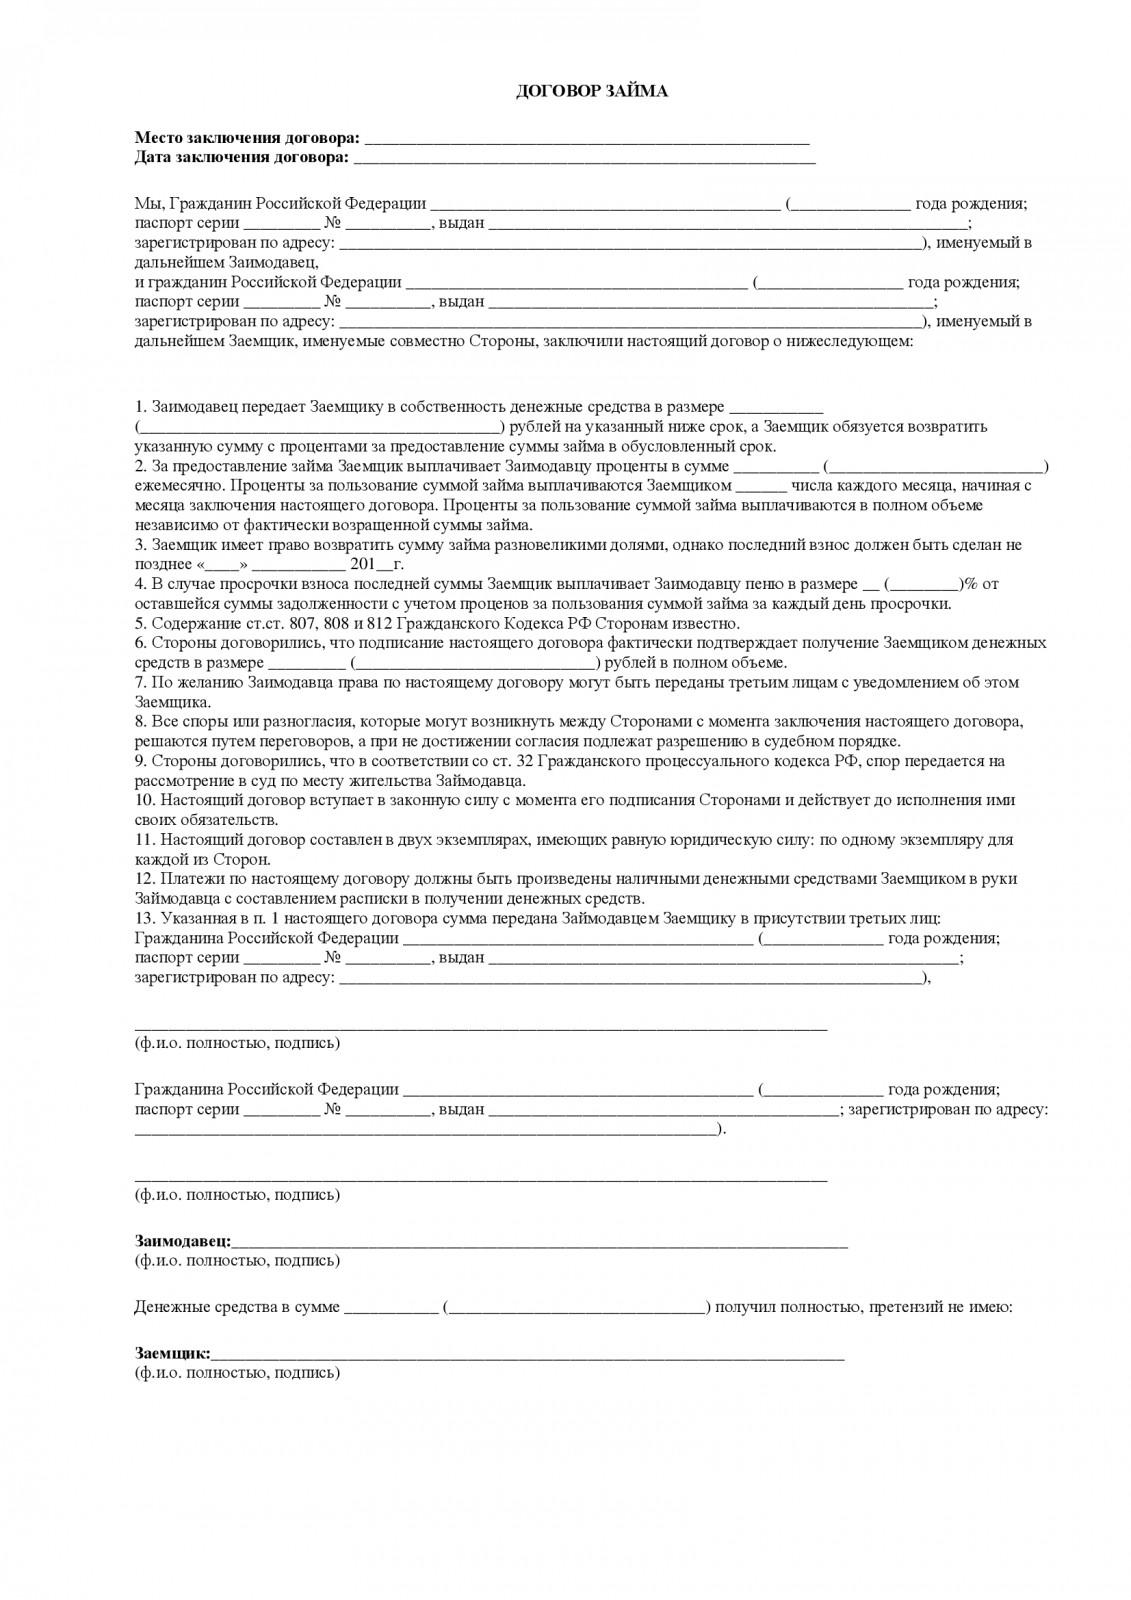 Договор между физическими лицами на выполнение работ